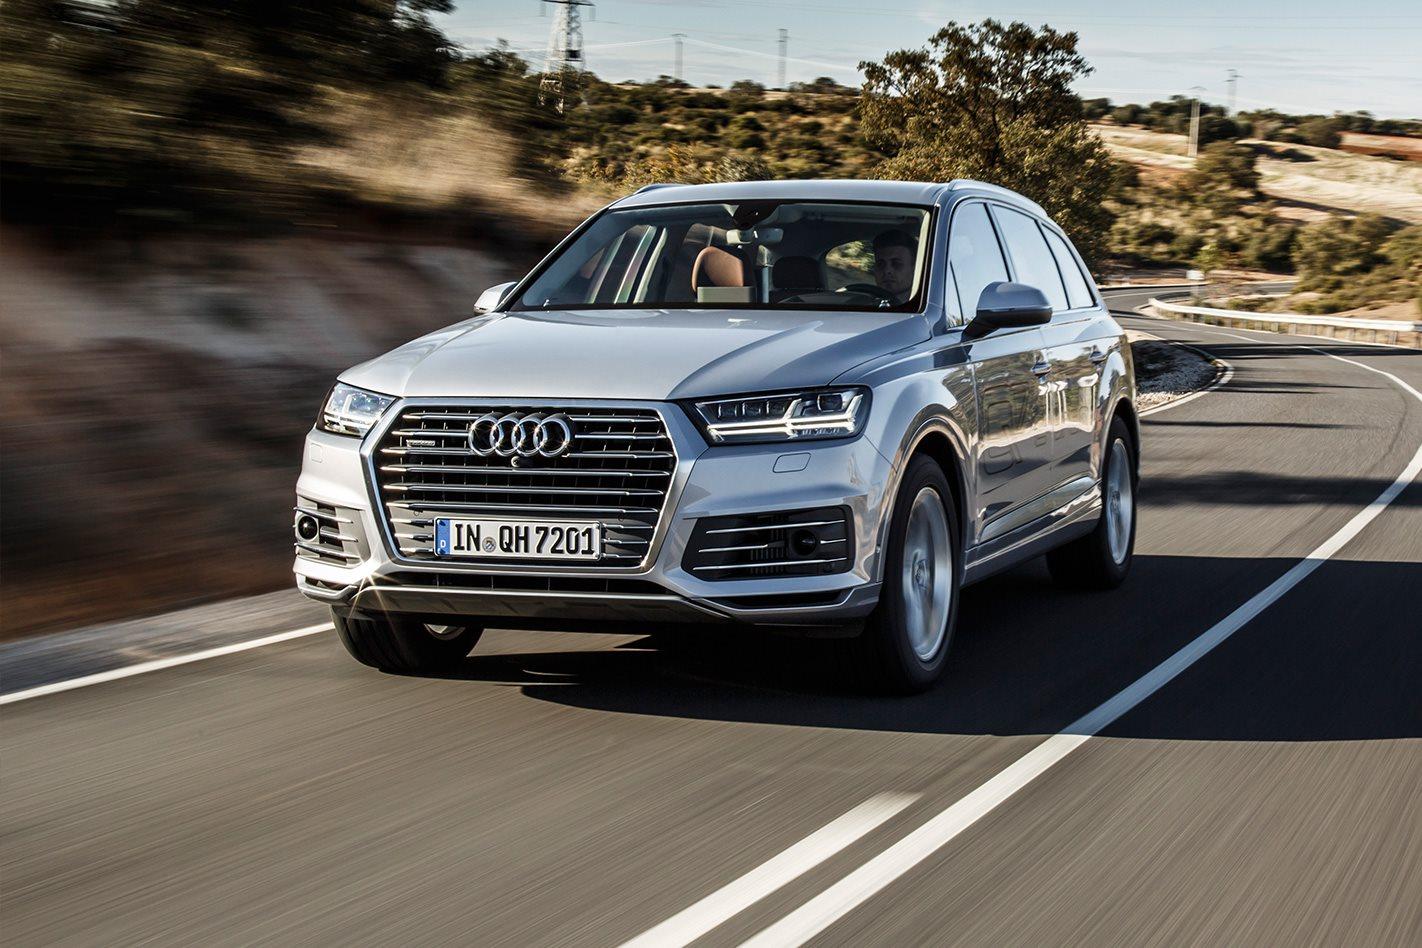 Kelebihan Audi Q7 Etron Top Model Tahun Ini